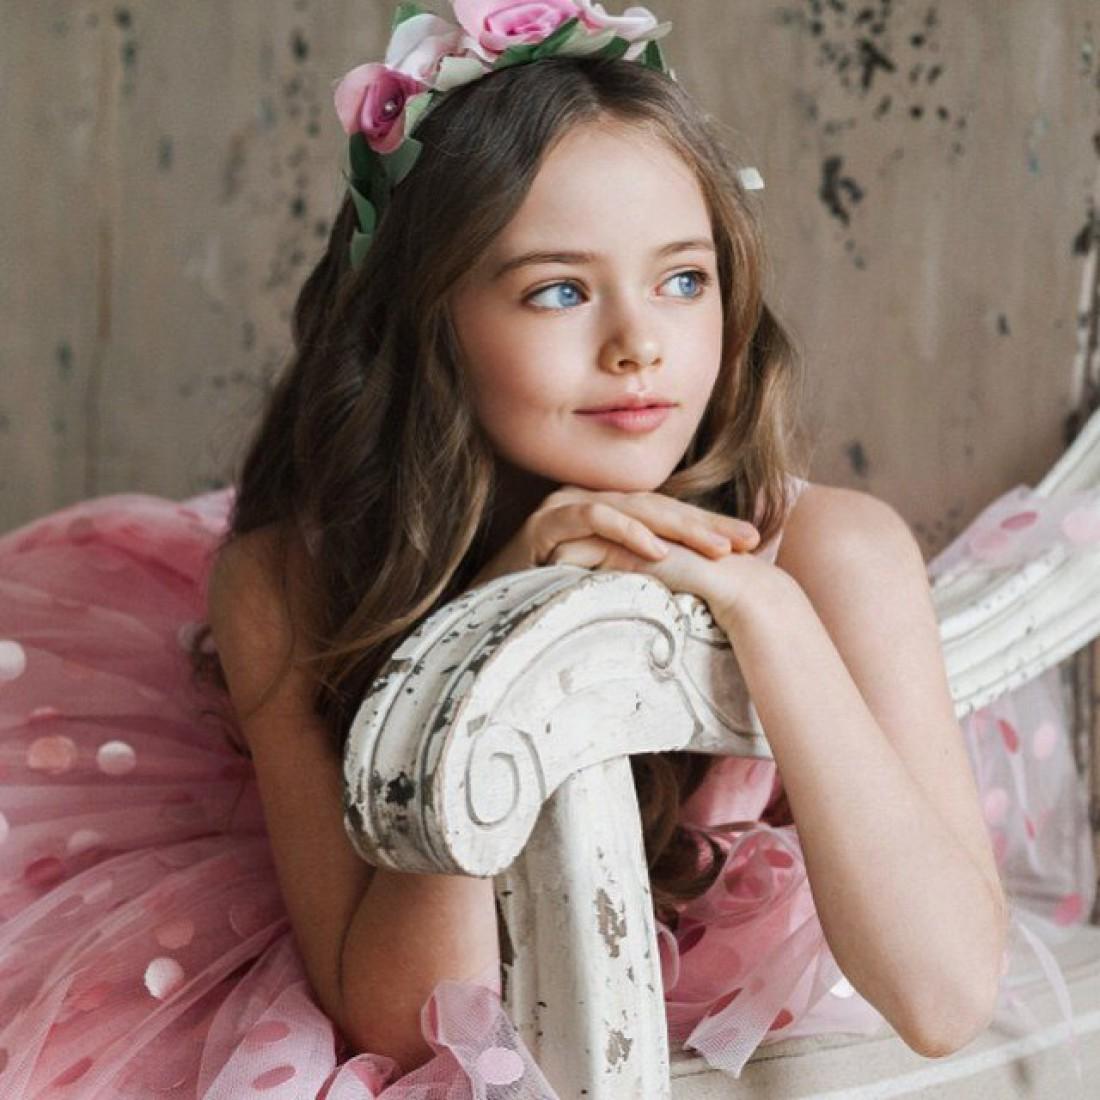 10-летняя Кристина Пименова смогла обогнать по популярности многих мировых топ-моделей